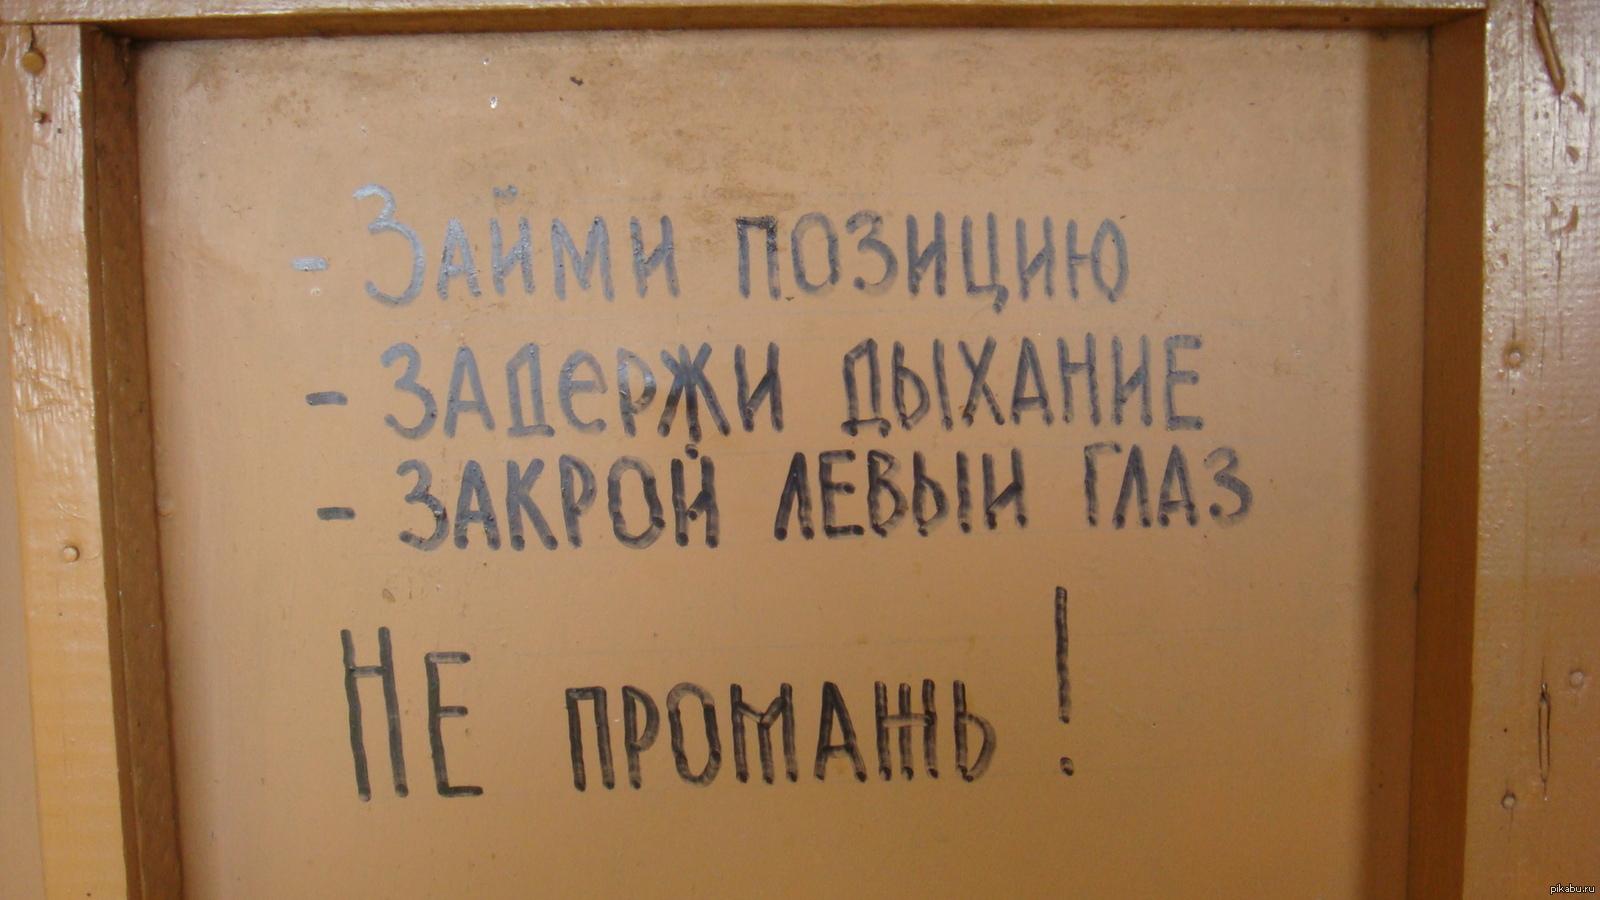 Прикольные картинки с надписями на туалет, для маши